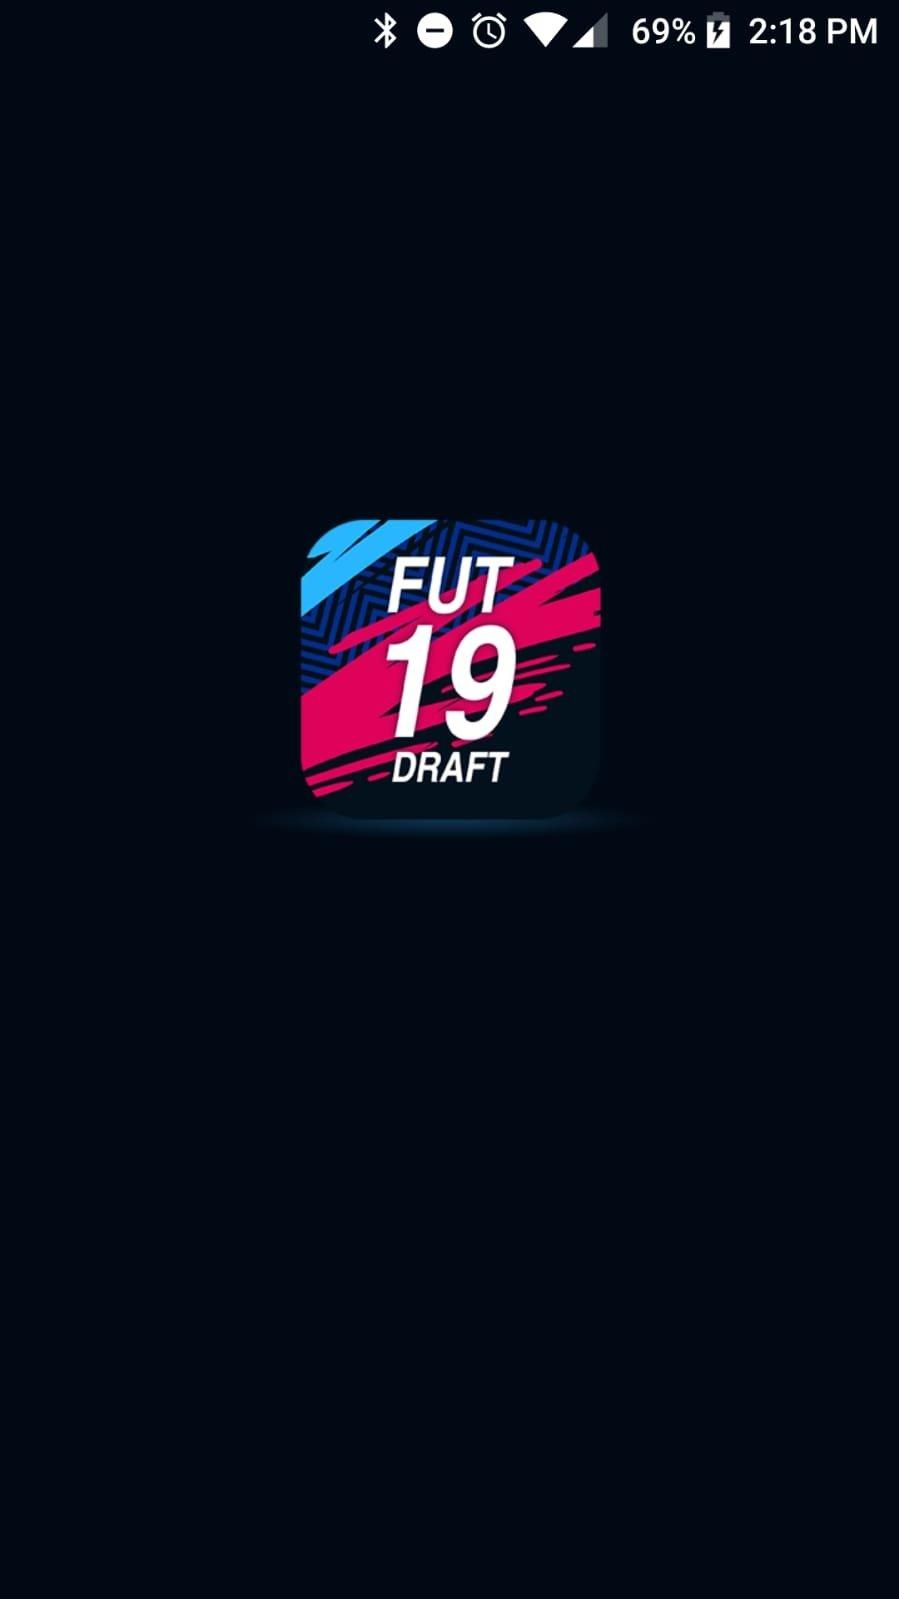 Fut 16 draft simulator скачать для android os бесплатно, скачать apk.